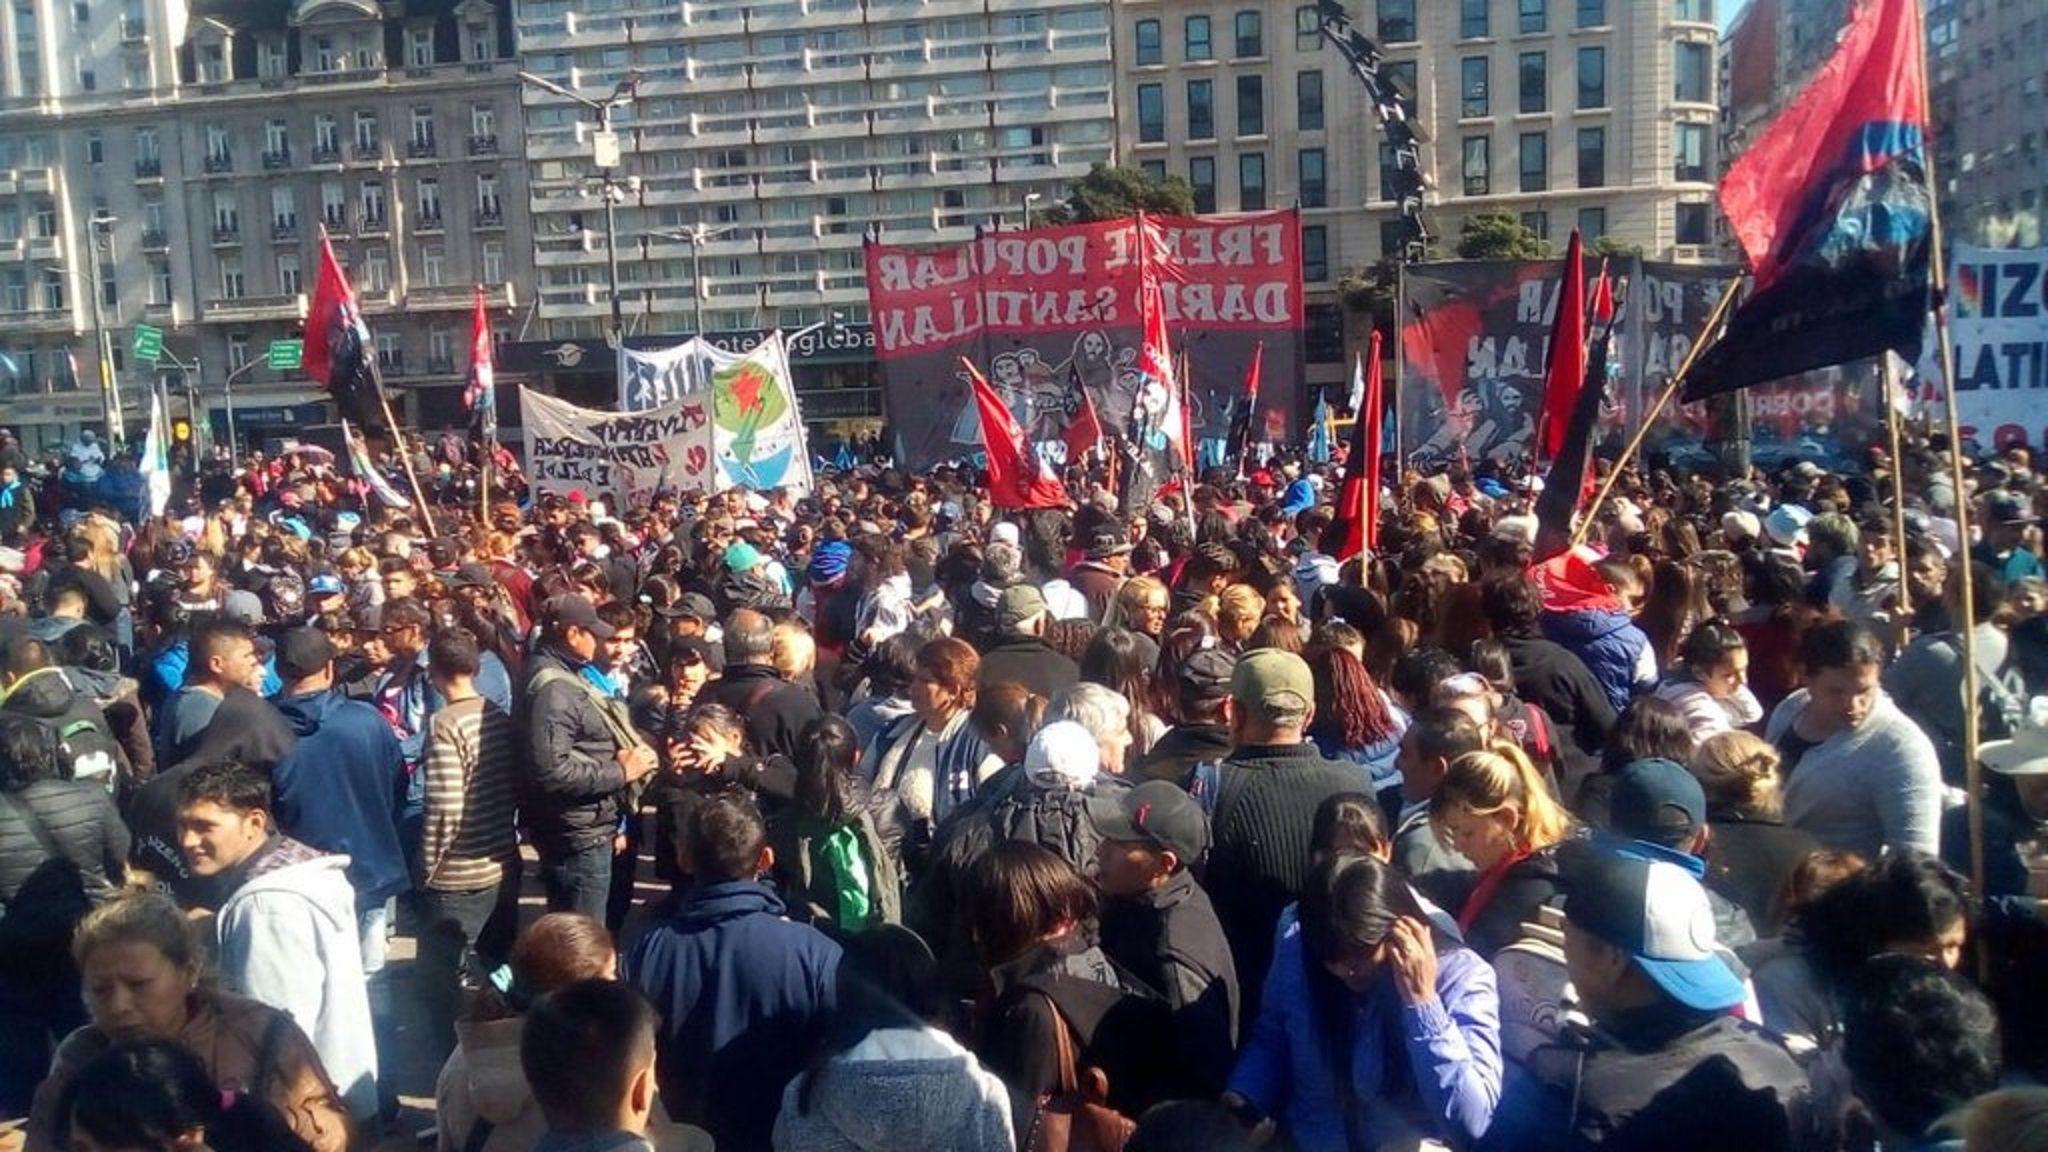 Tensión en Constitución: manifestantes cortaron la autopista 25 de mayo y frenan los autos